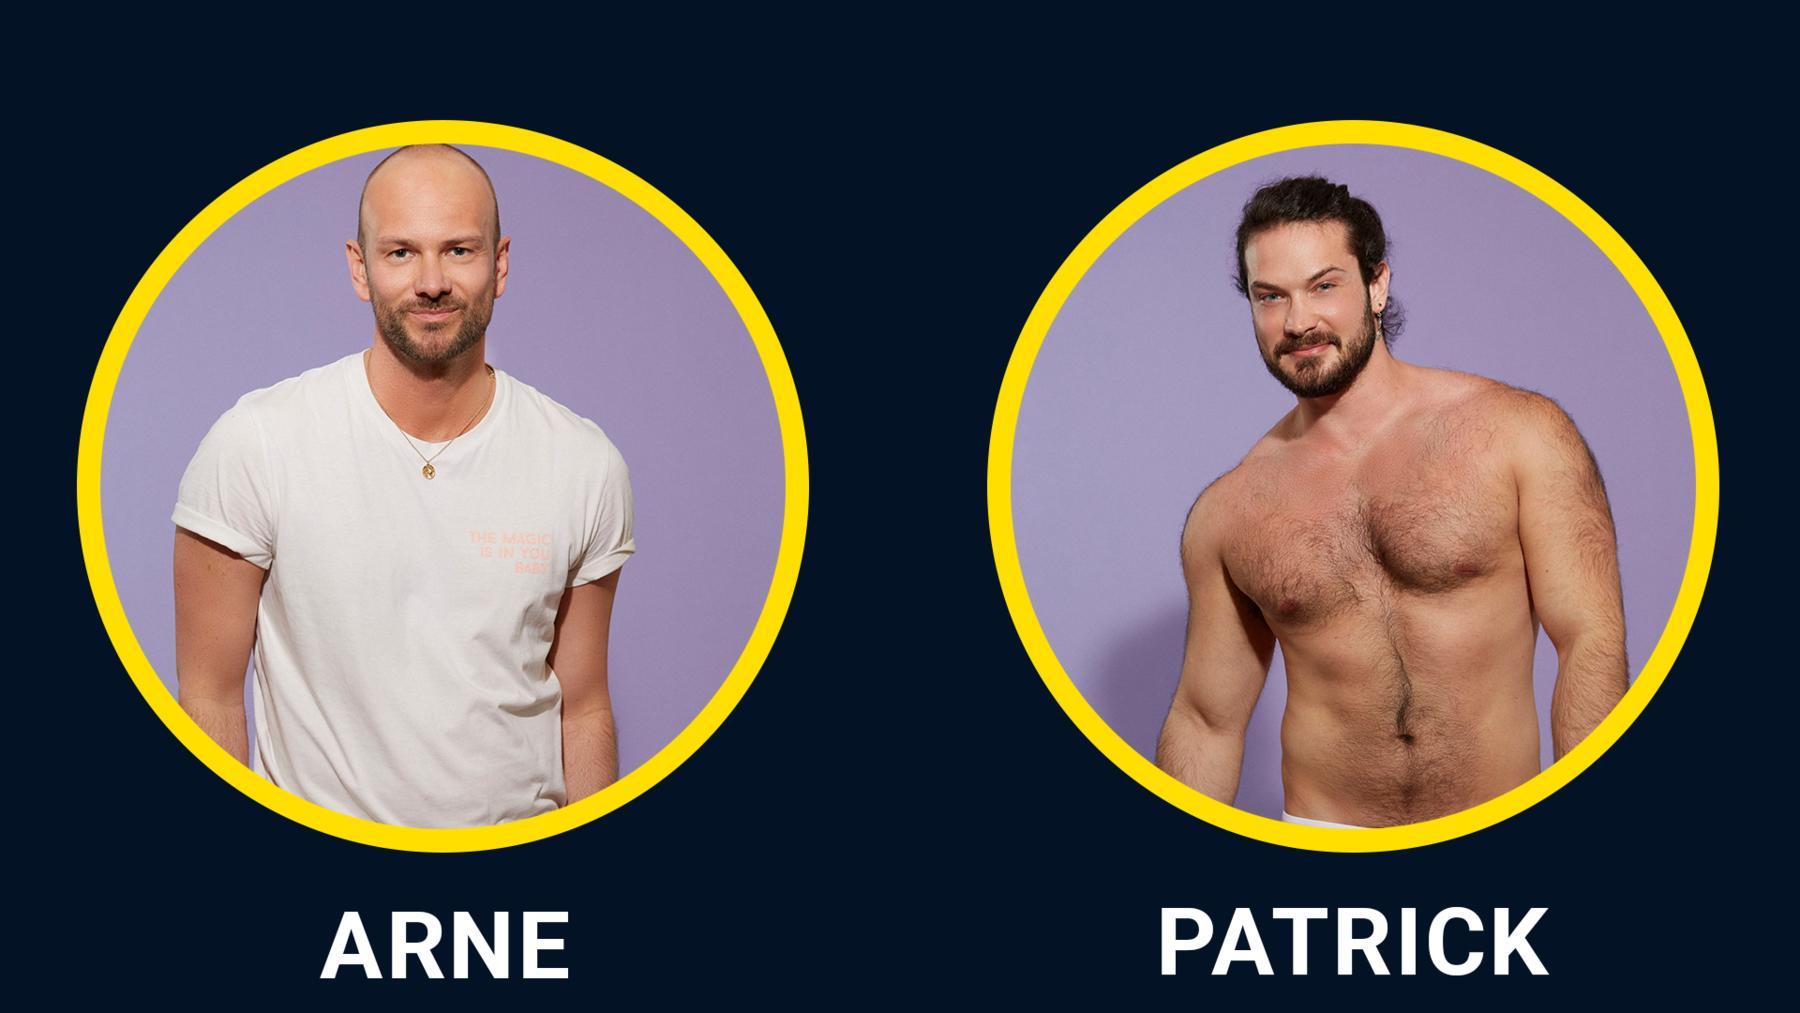 Arne | Patrick